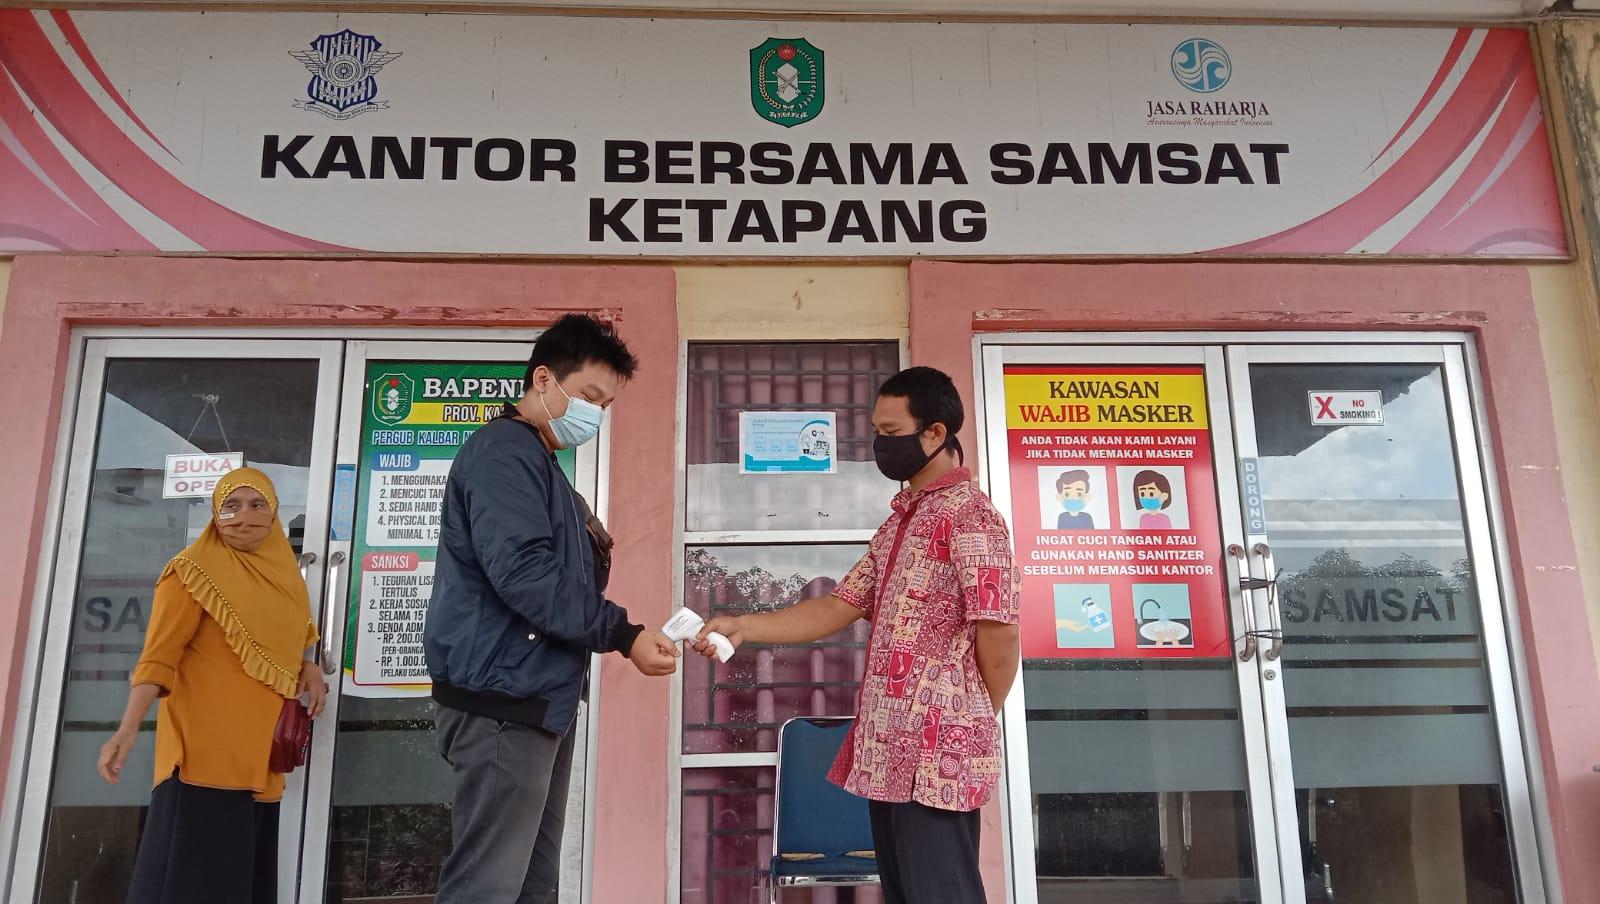 Ikuti Protokol Kesehatan Saat Memasuki Ruang Pelayanan SAMSAT